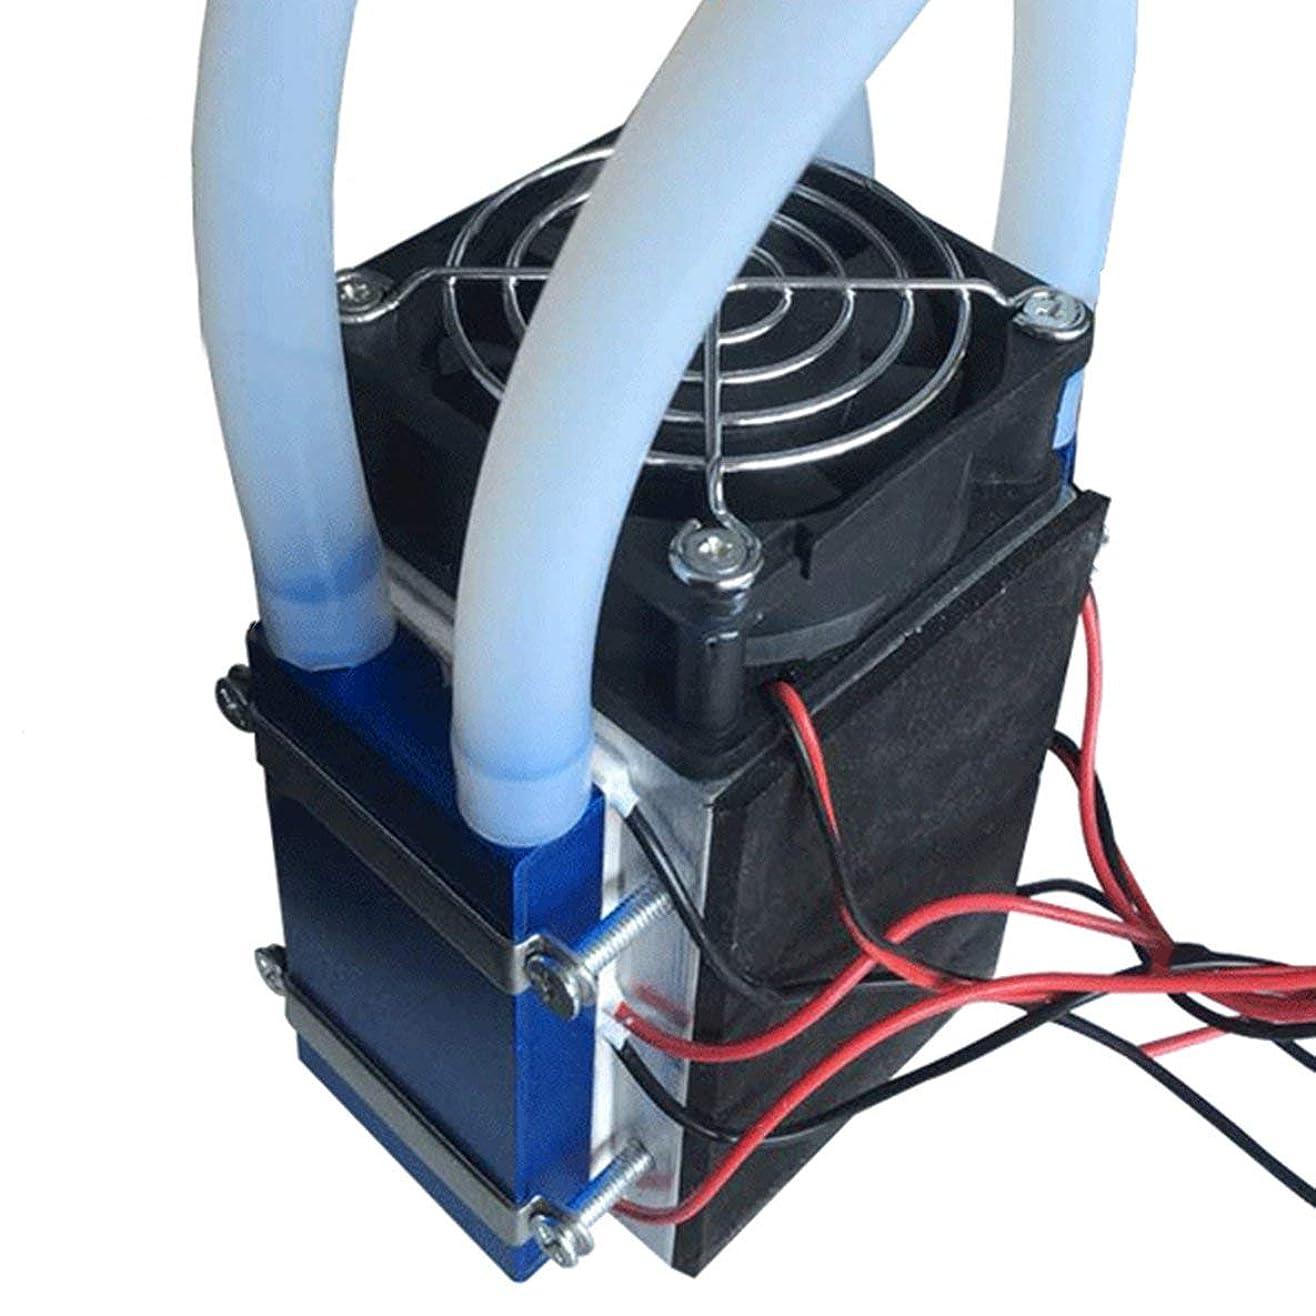 資本主義寛大な卵MolySun ペルチェ熱電冷蔵庫12V 576W 4チップTEC1-12706 DIY冷凍空気冷却装置熱電クーラー ブラック